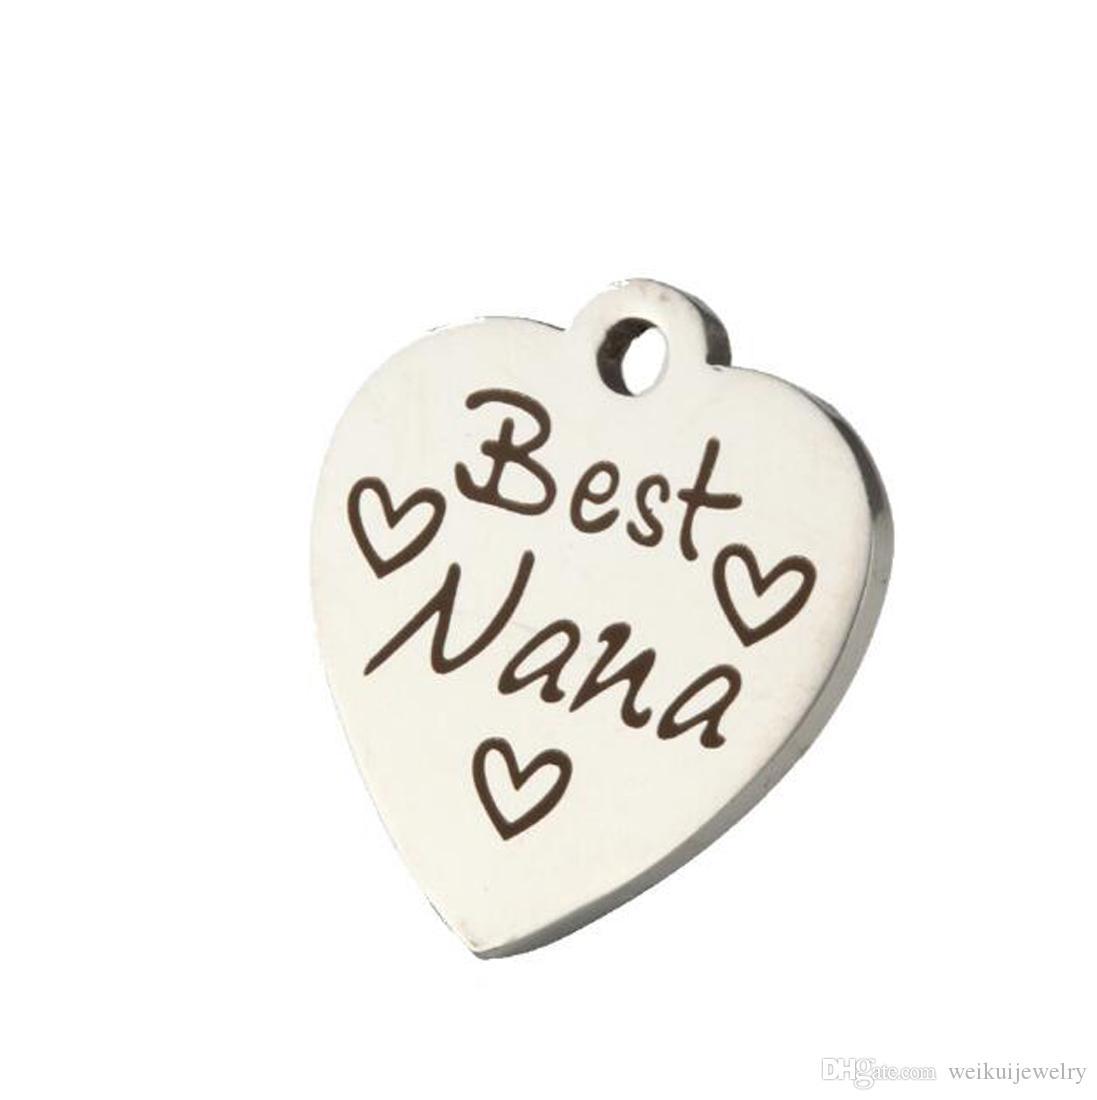 Accesorios personalizados para el corazón de acero inoxidable Colgante El mejor regalo agradable Accesorios grabados para el Día de la Madre Regalos sorpresa listos